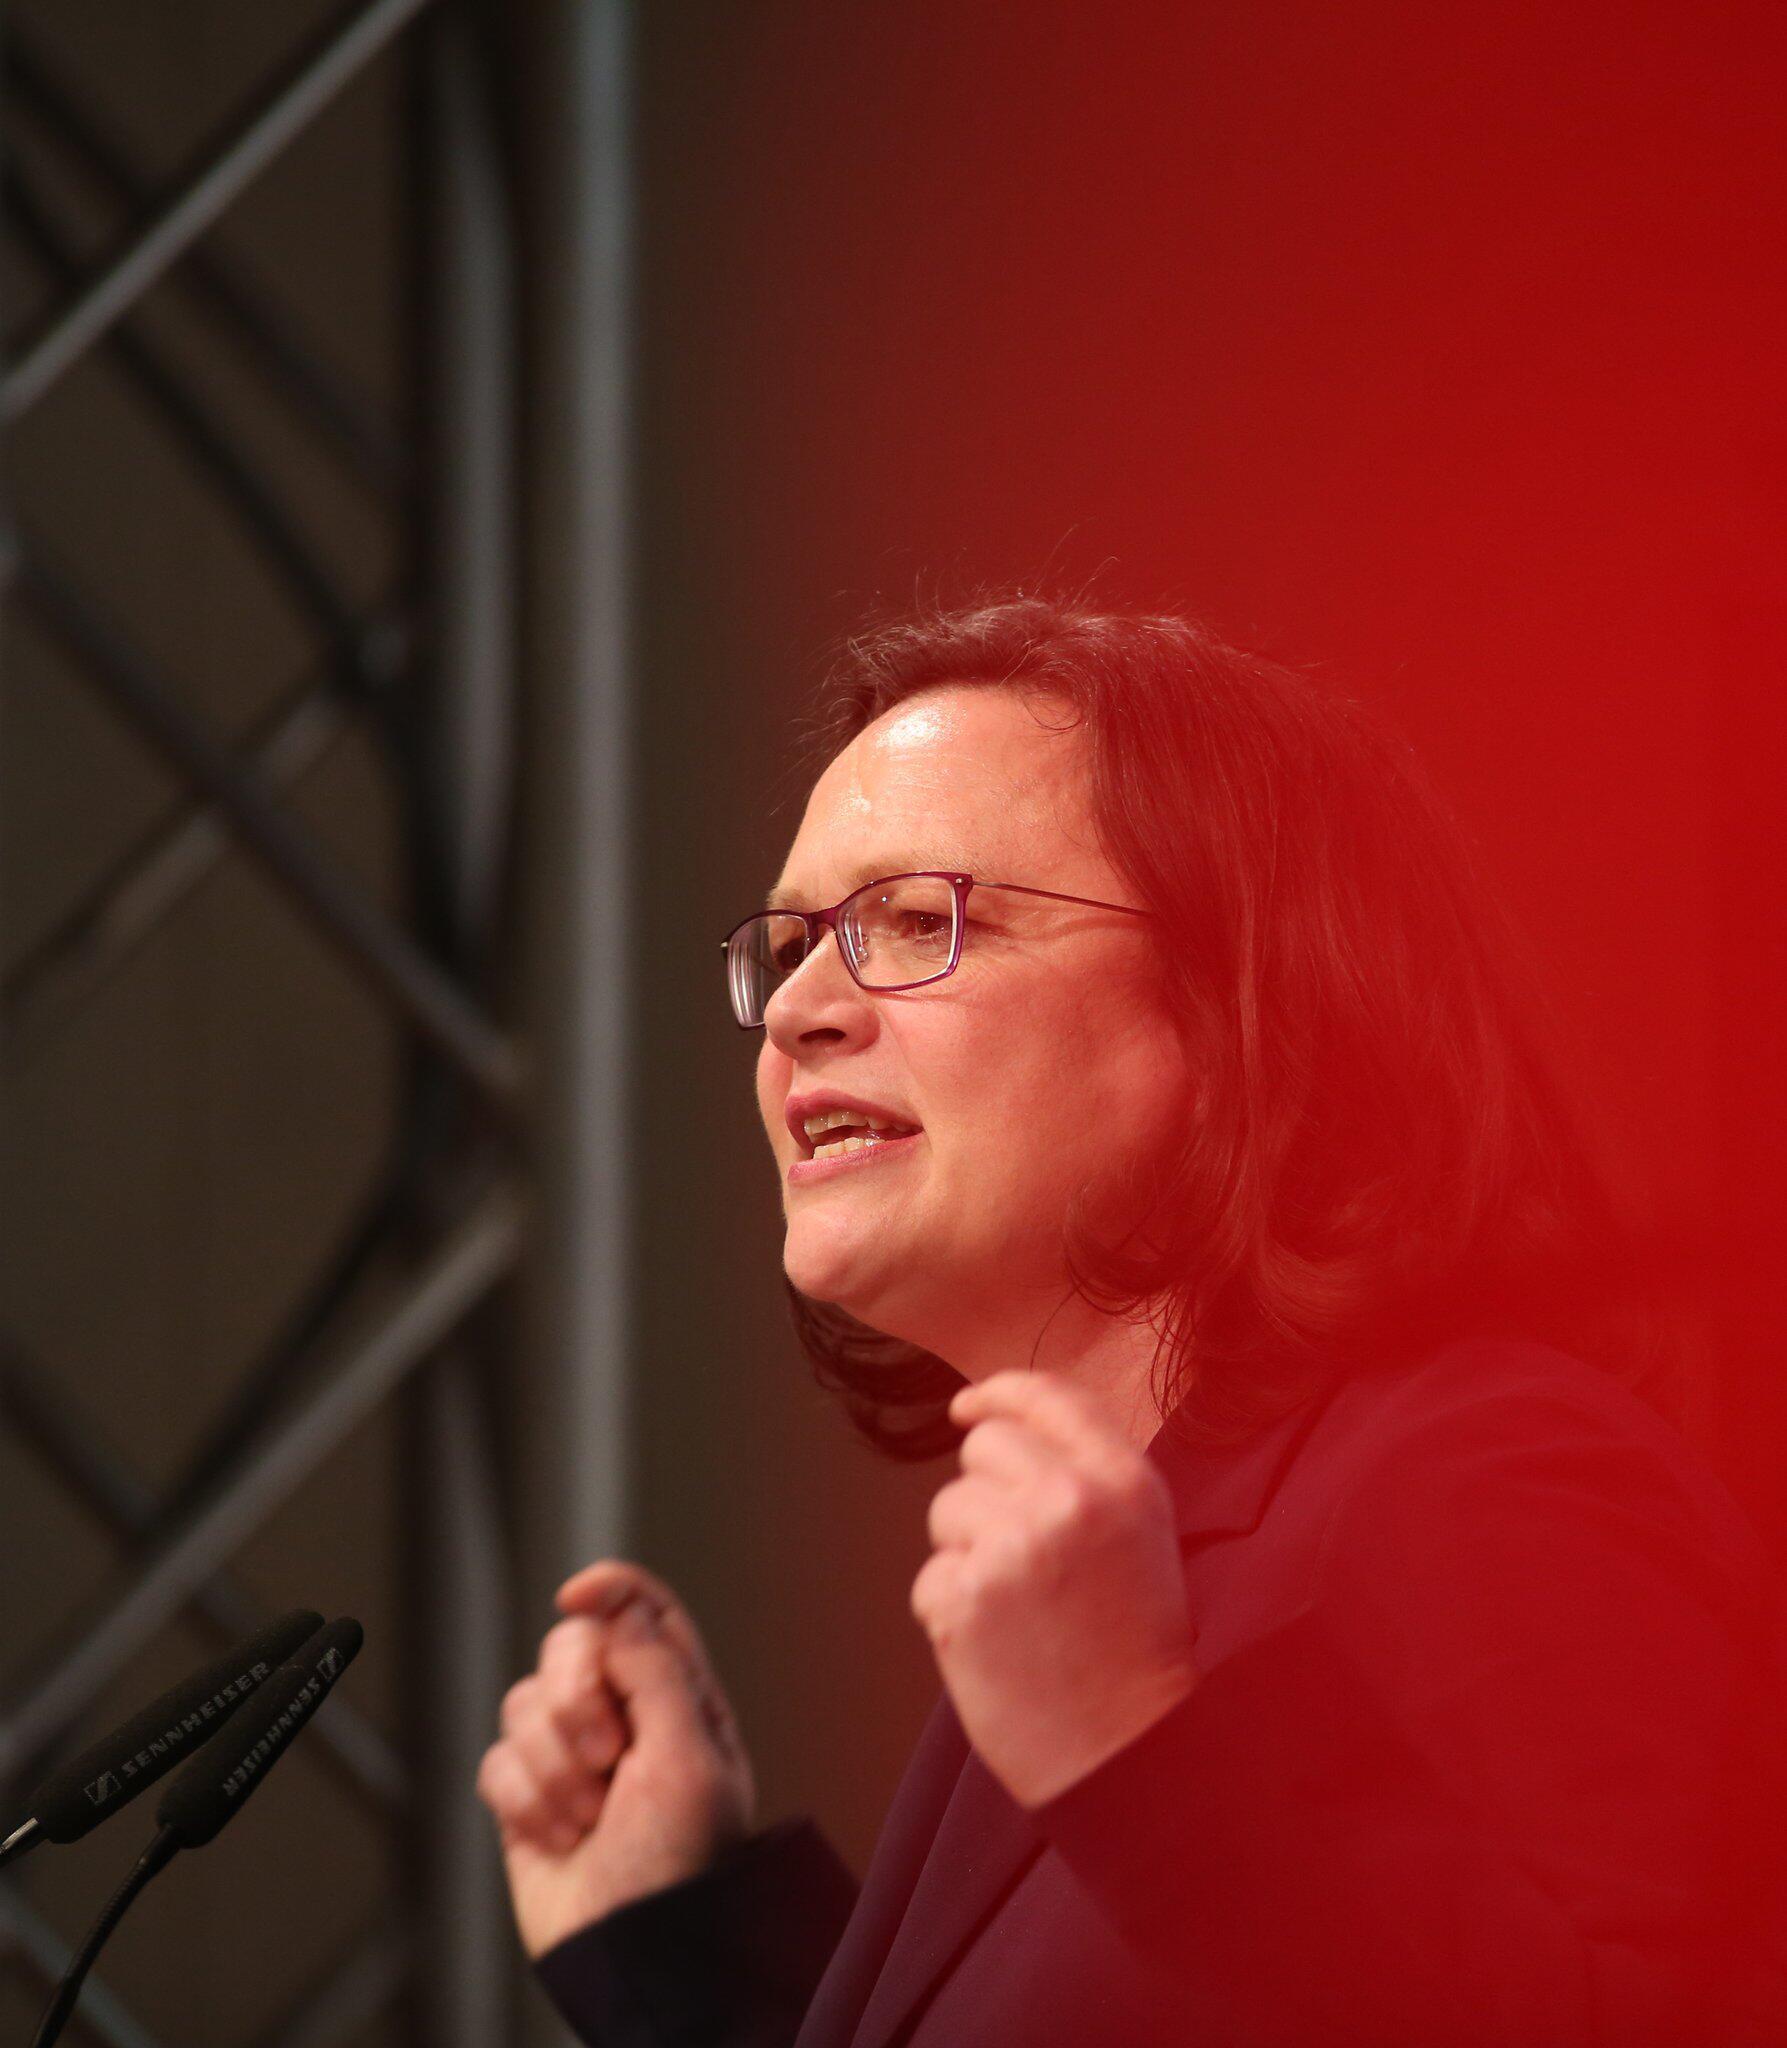 Bild zu Politischer Aschermittwoch der NRW-Parteien - SPD